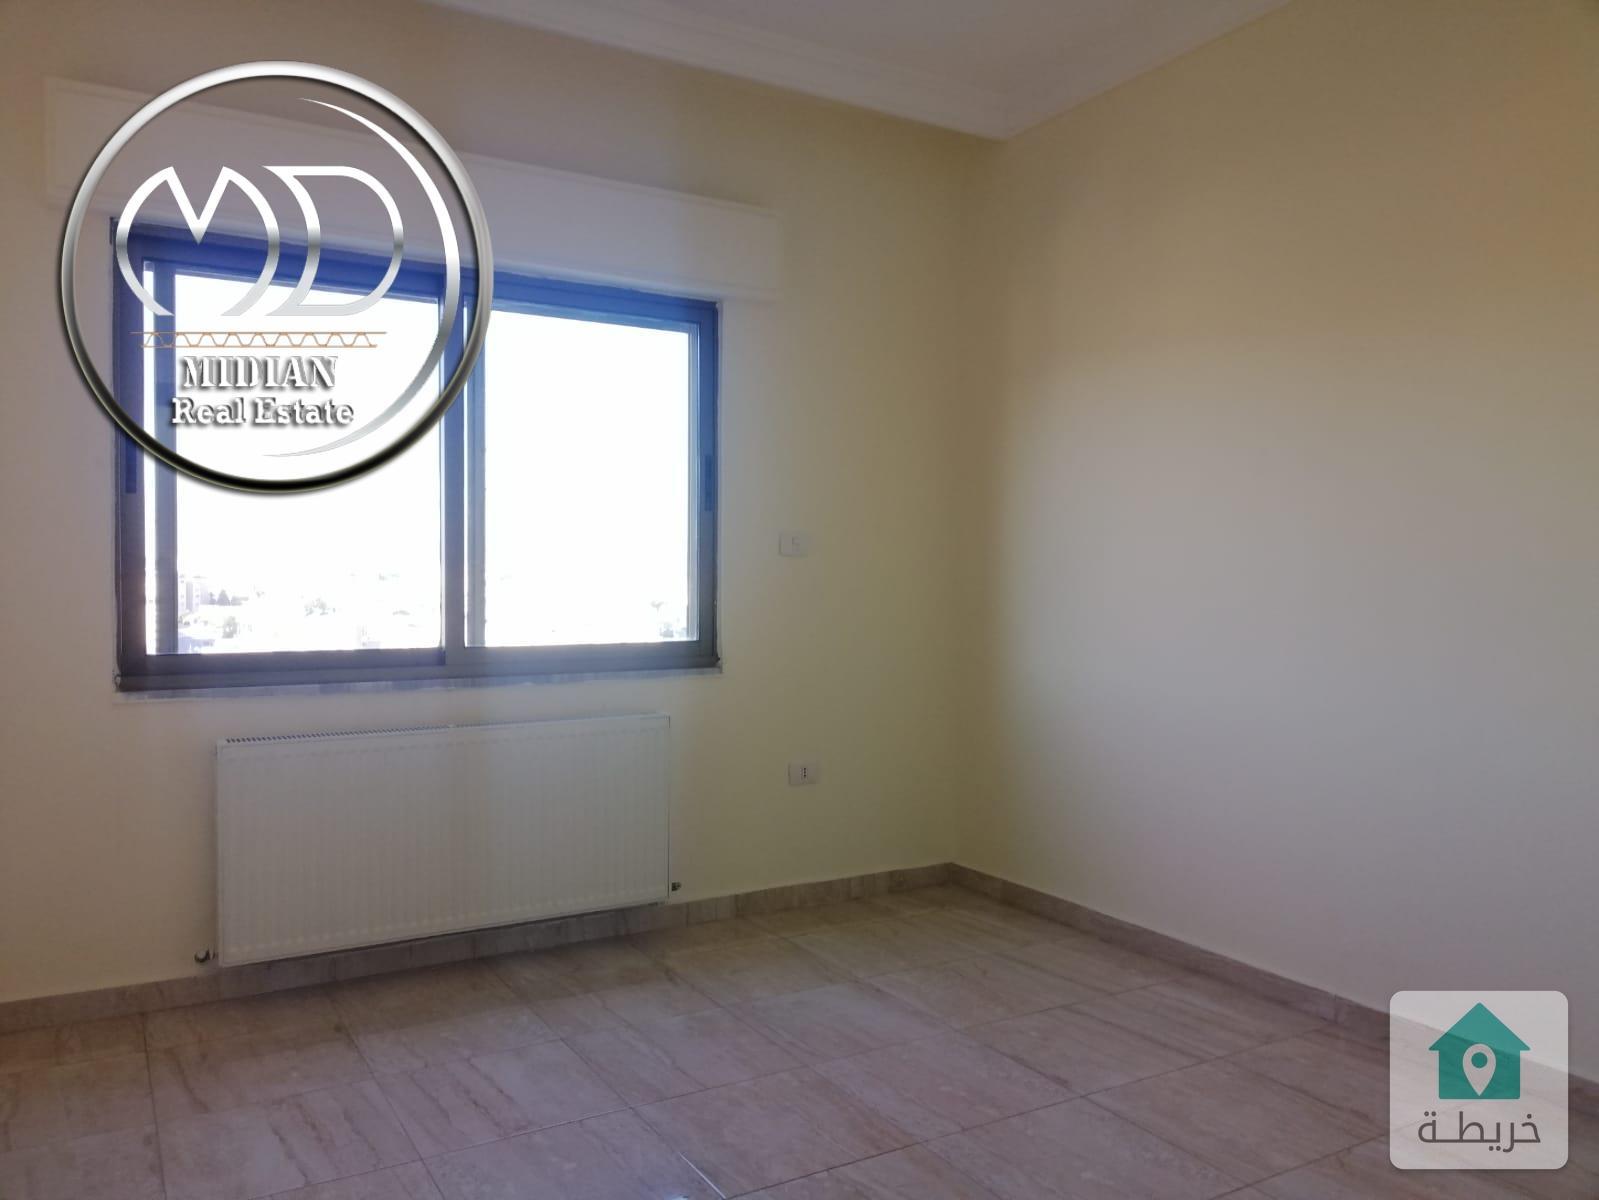 شقة فارغة للايجار خلدا مساحة 150م طابق ثالث سوبر ديلوكس وبسعر مناسب